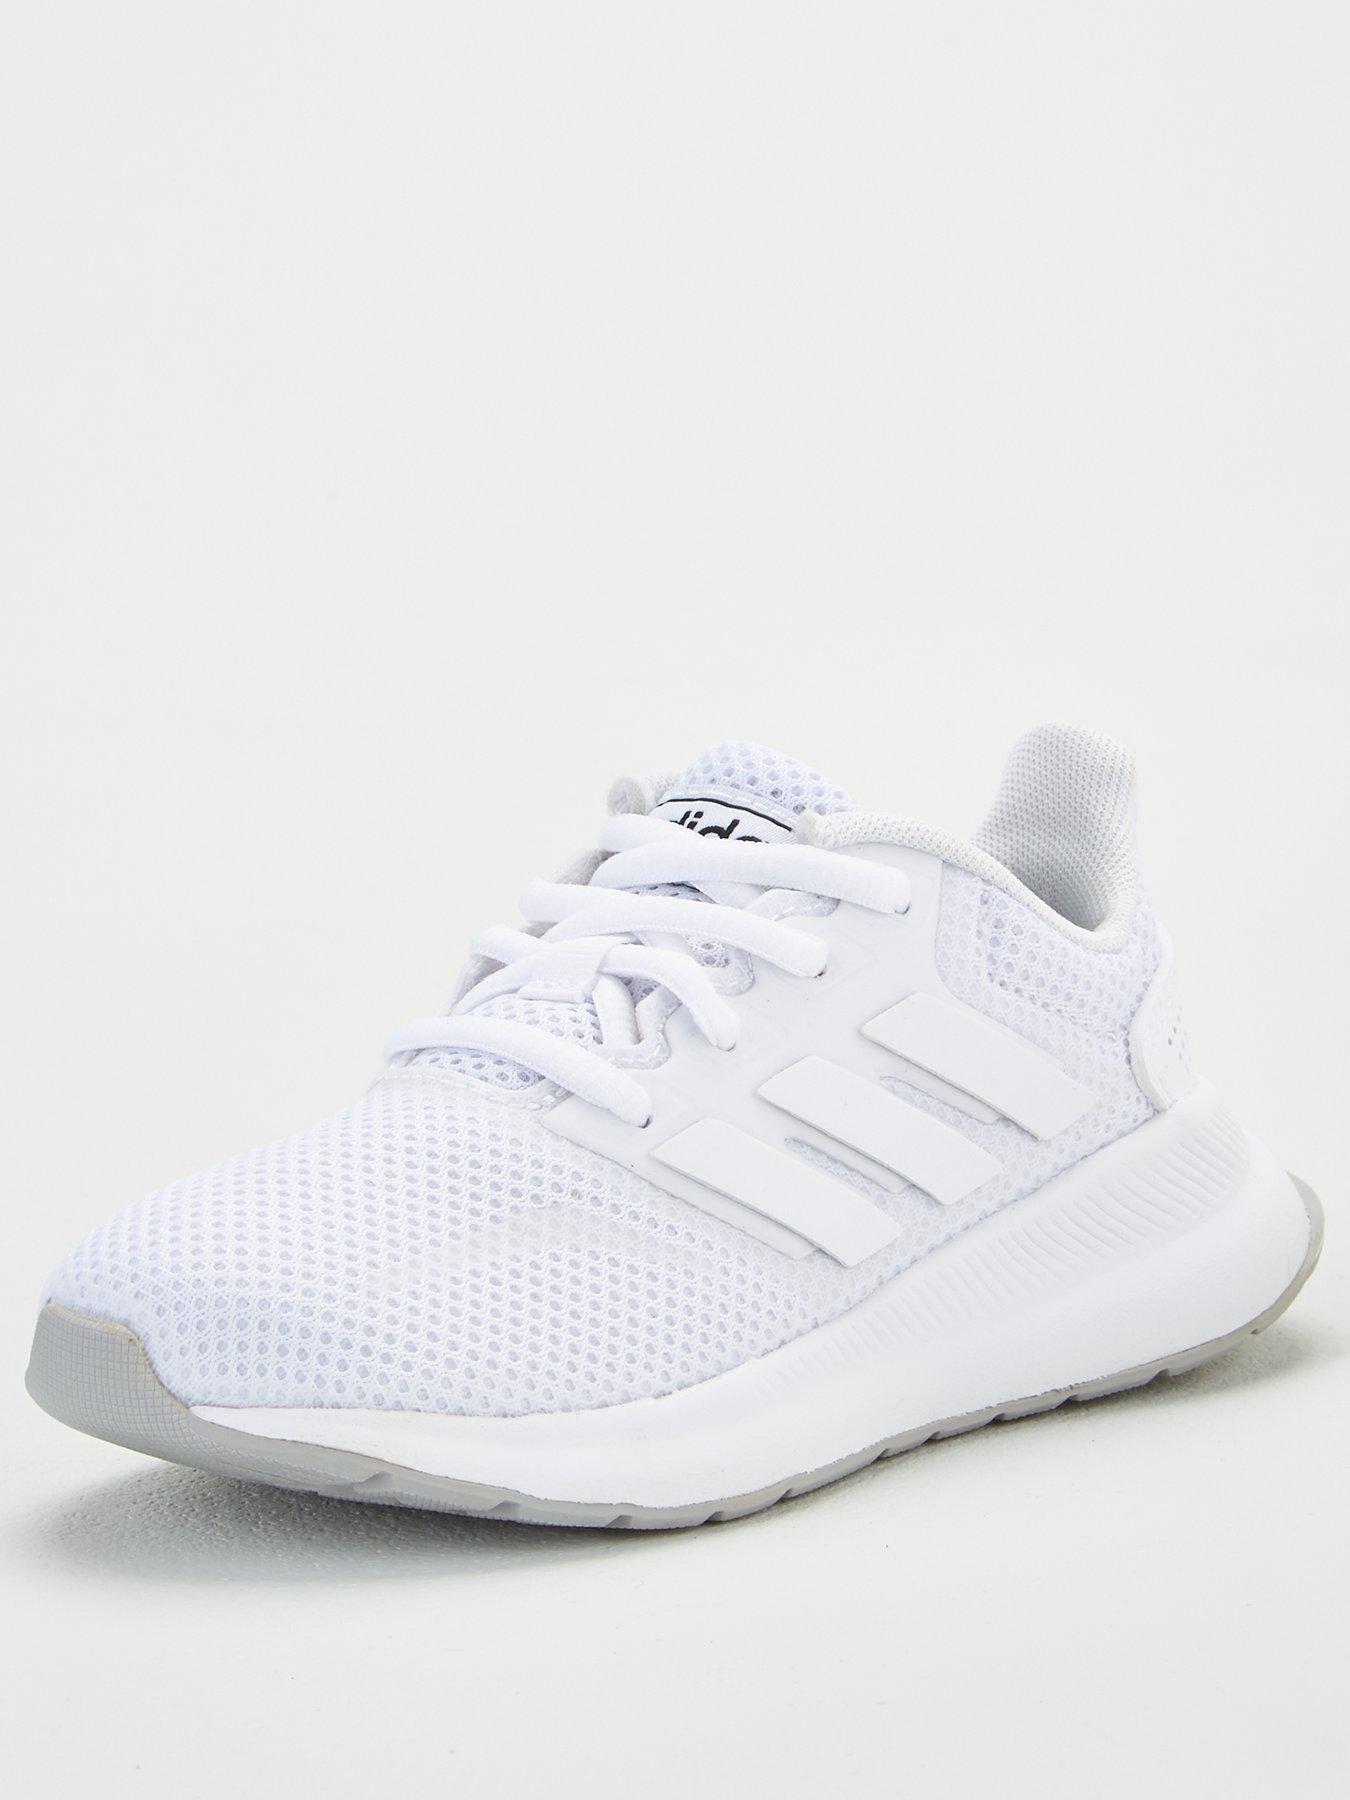 adidas falcon white junior